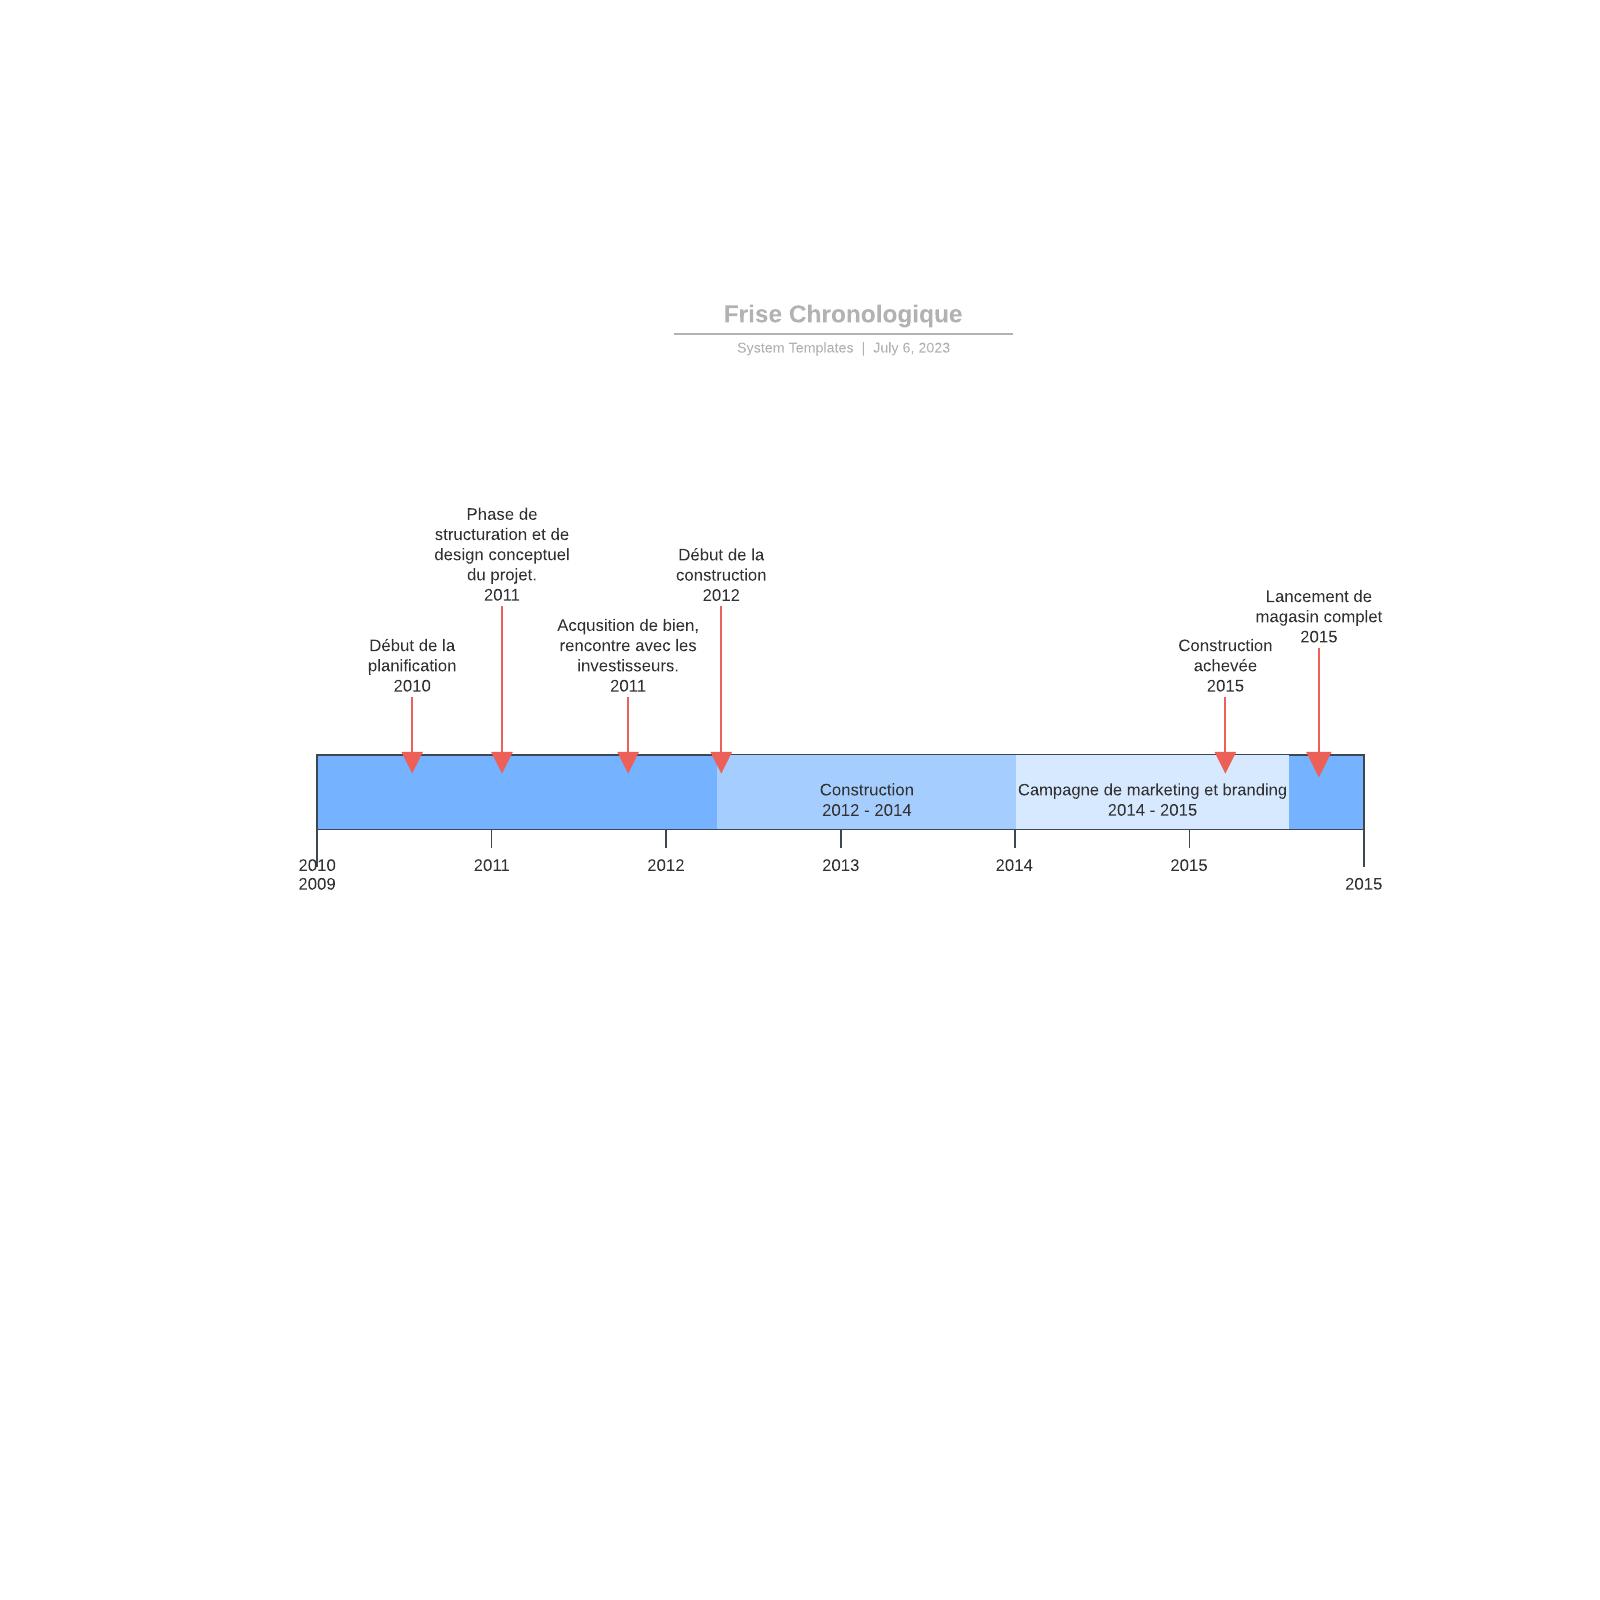 exemple de frise chronologique de création magasin